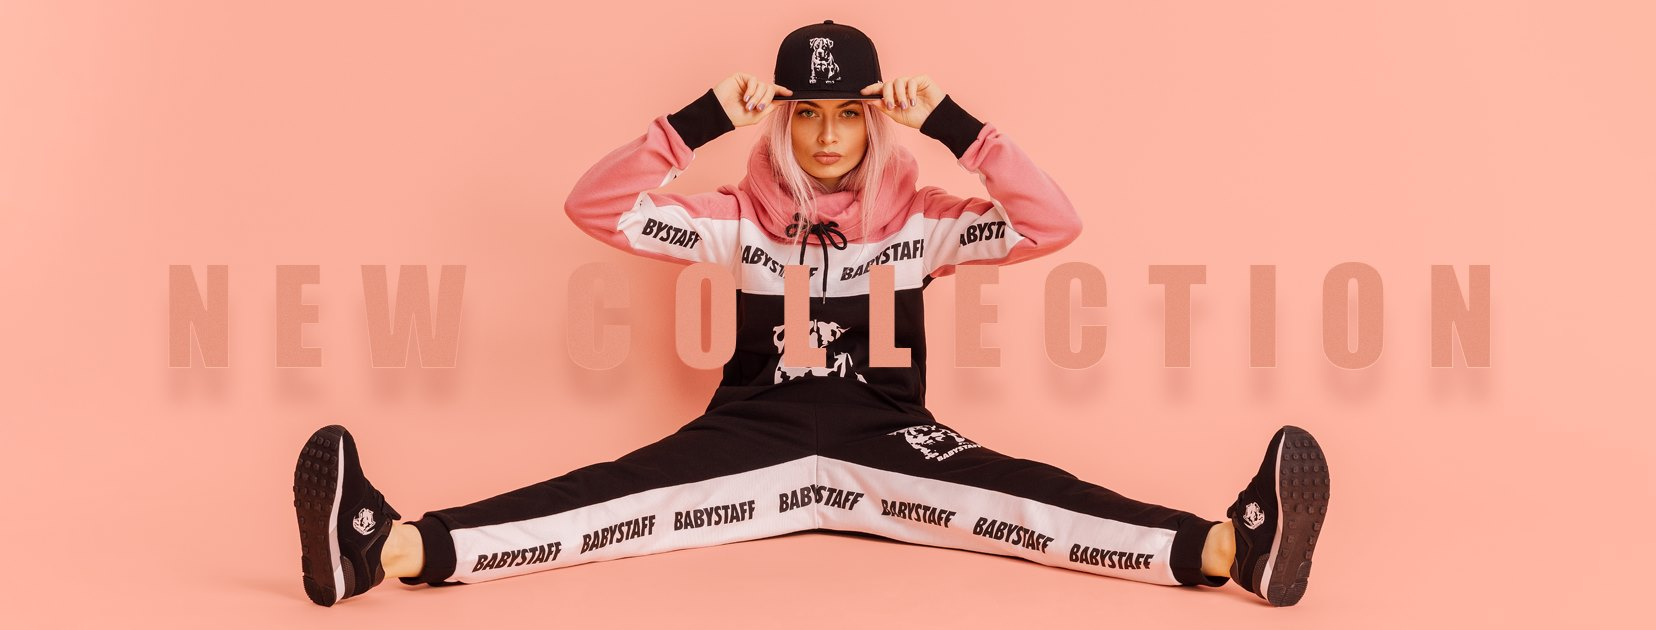 Фирменная женская одежда и обувь Babystaff оптом от производителя